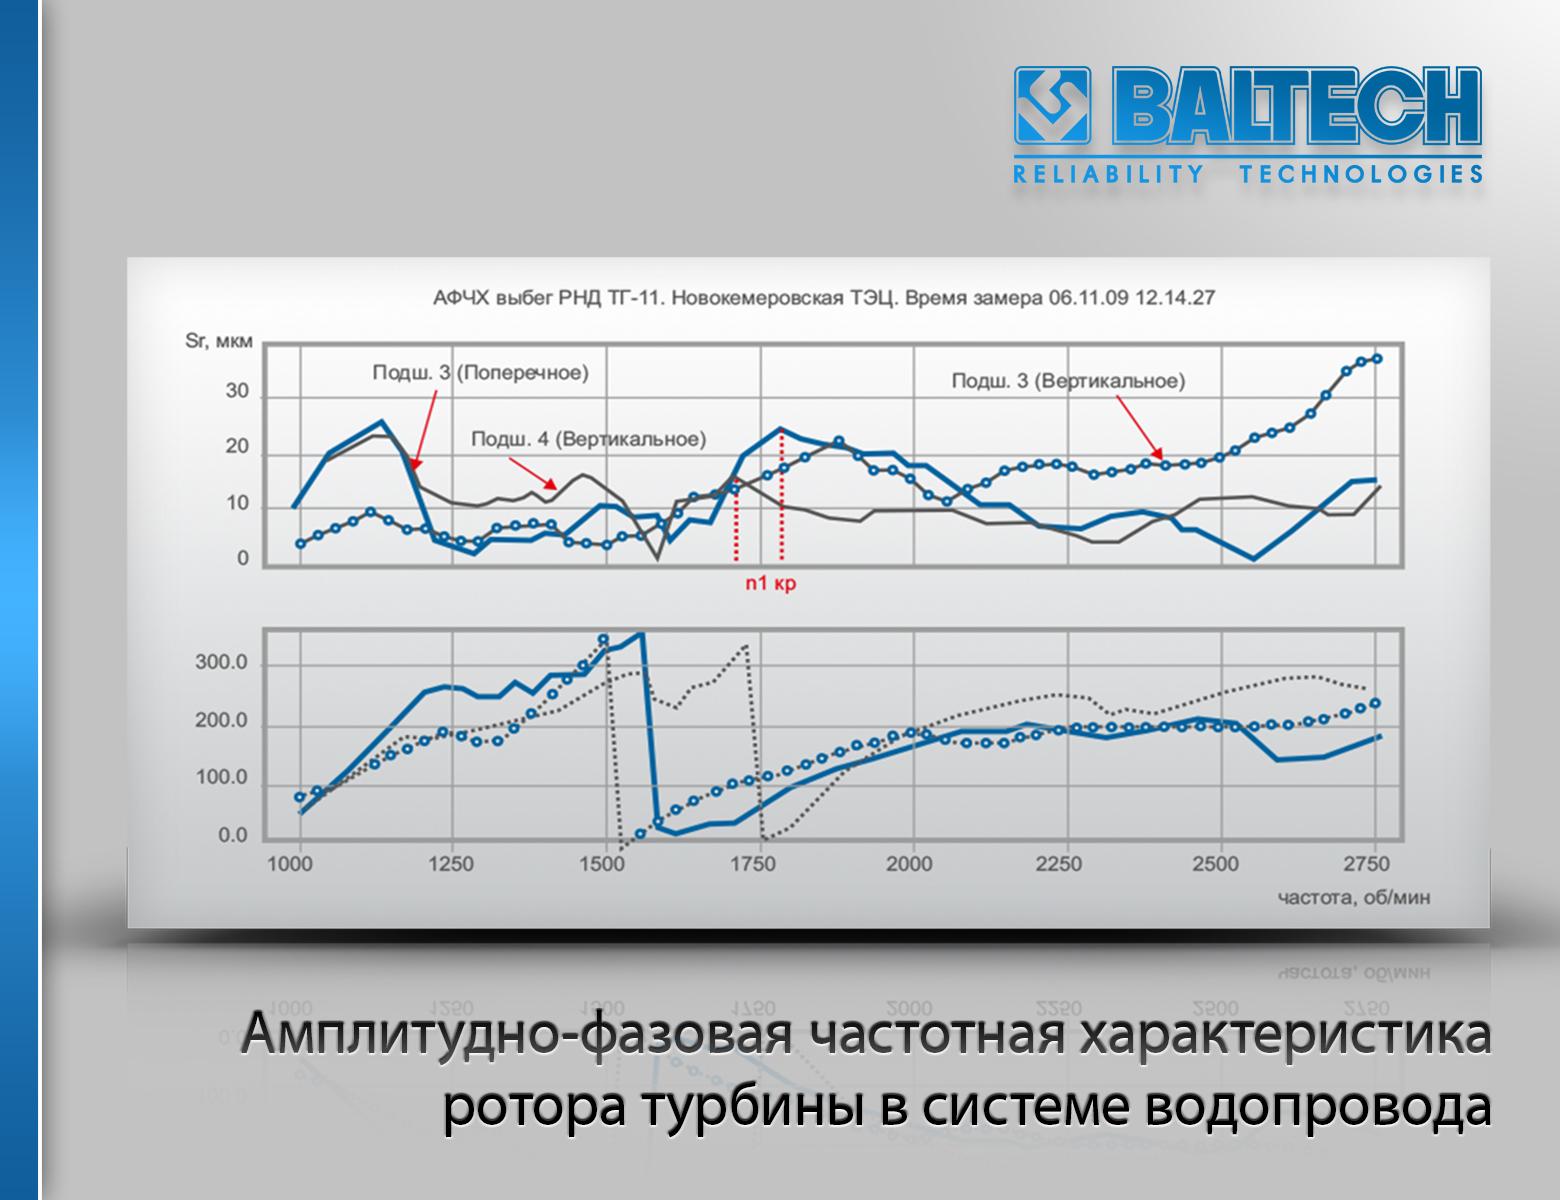 Метод Разгон-Выбег, методы диагностики, Амплитудно-фазовая частотная характеристика  турбины, CSI 2140